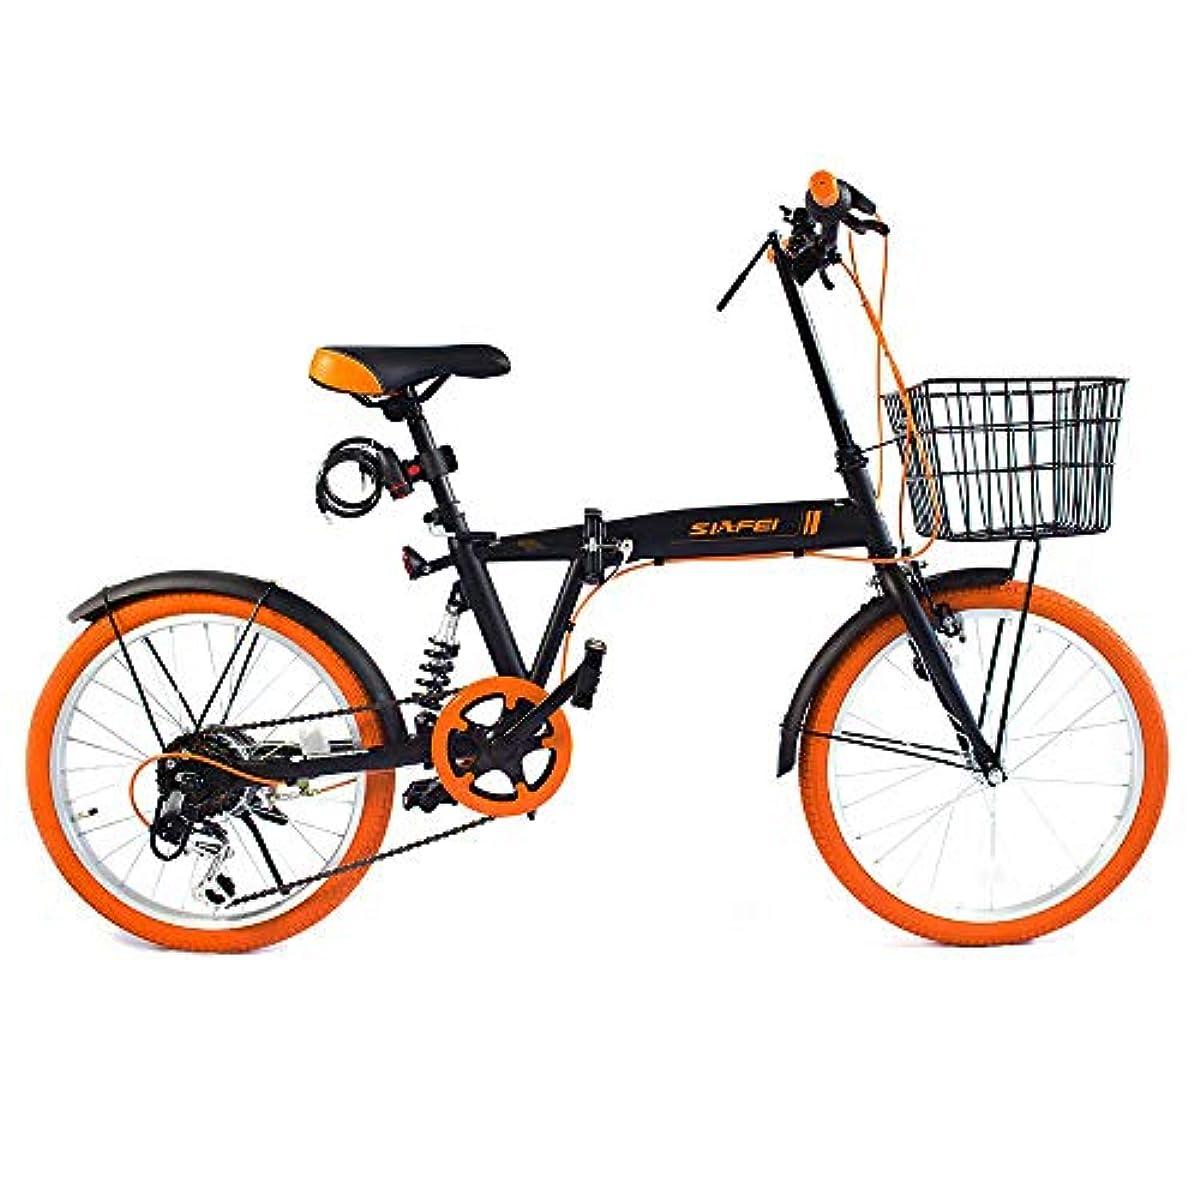 [해외] LUCK STORE 접이식 자전거 20인치 시마노6 단변속 바구니・리어 서스펜션 부착 와이어정・LED라이트의 선물 첨부 와 전후 (자동차 등의) 흙받이 장비 핸들의 높이 조절 할 수 있는 접는 자전거소 경차 미니베로 5 색디자인